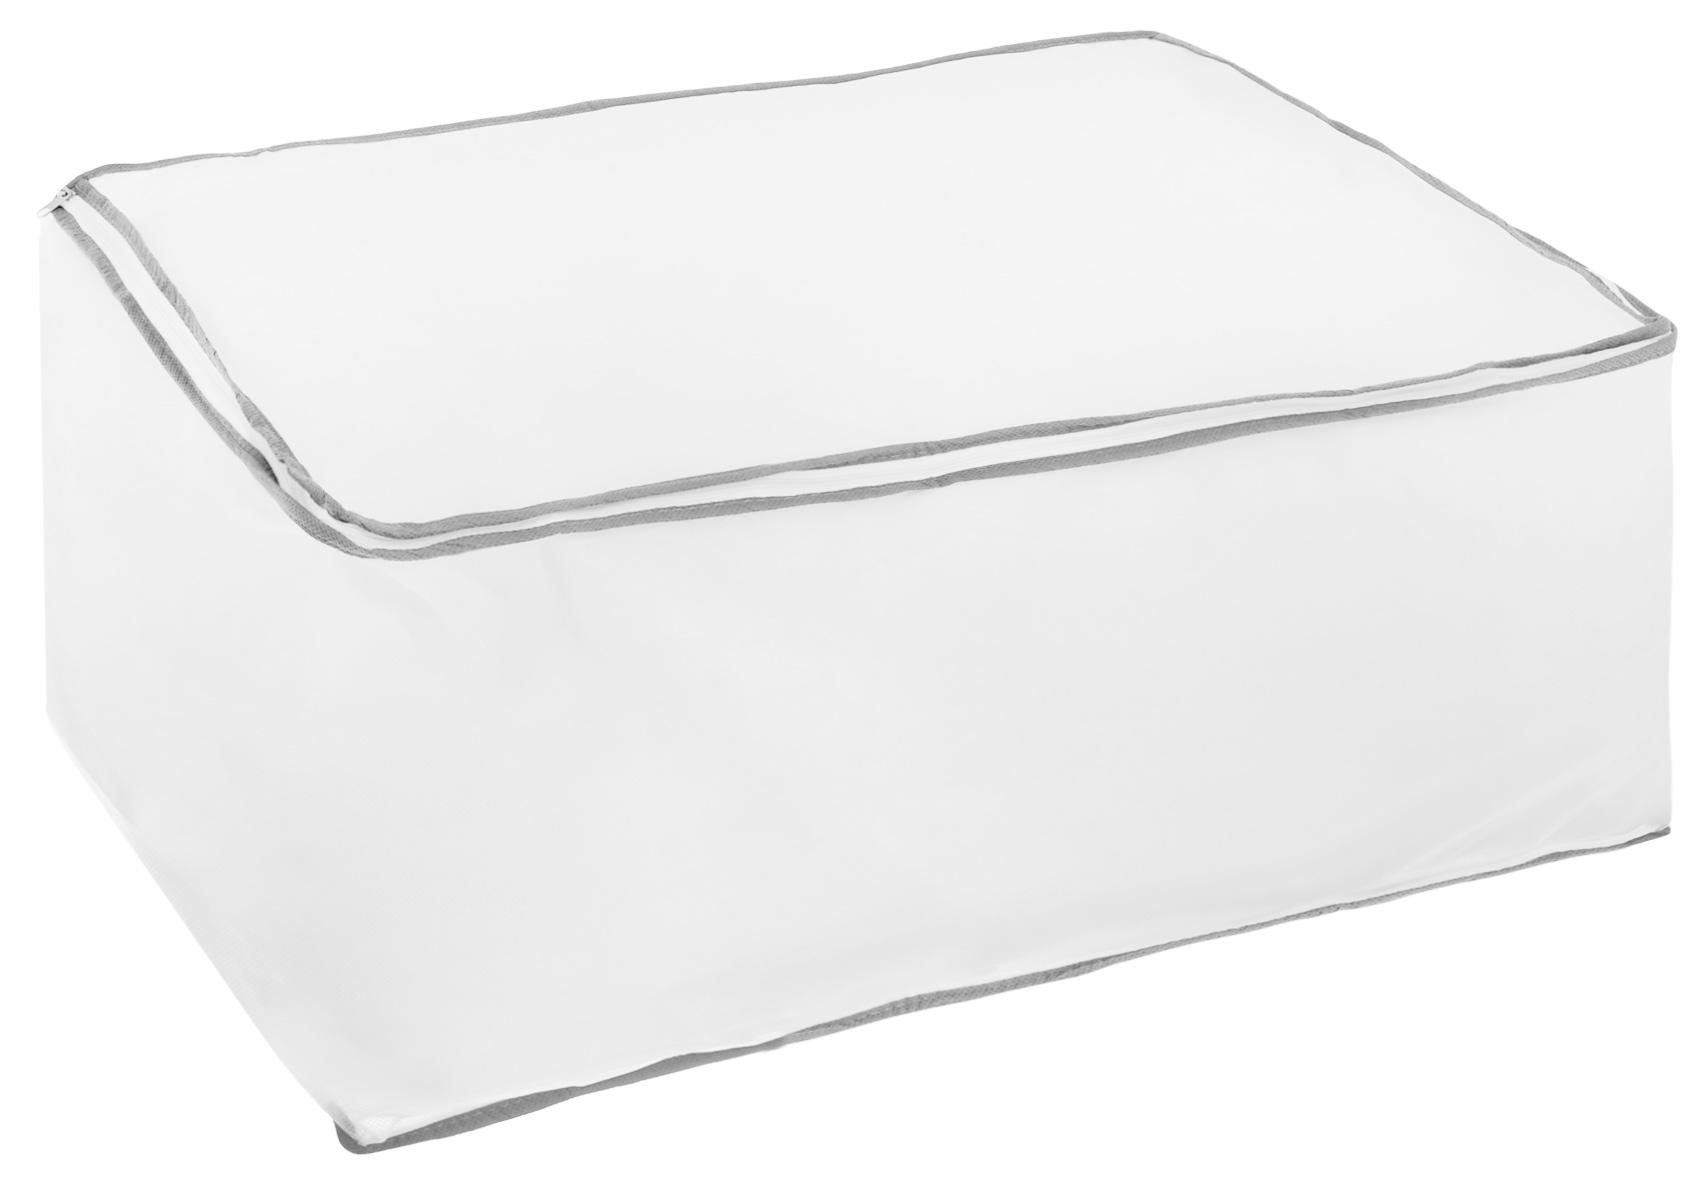 Кофр для хранения Hausmann, цвет: белый, серый, 60 х 40 х 30 см2B-26040Кофр Hausmann, предназначенный дляхранения и транспортировки вещей, изготовлен из нетканого материала высокого качества.Особая фактура ткани не пропускает пыль и при этом позволяет воздуху свободно проникать внутрь, обеспечивая естественную вентиляцию. Материал легок, удобен и не образует складок. Особая конструкция позволяет при необходимости одним движением сложить или разложить чехол.